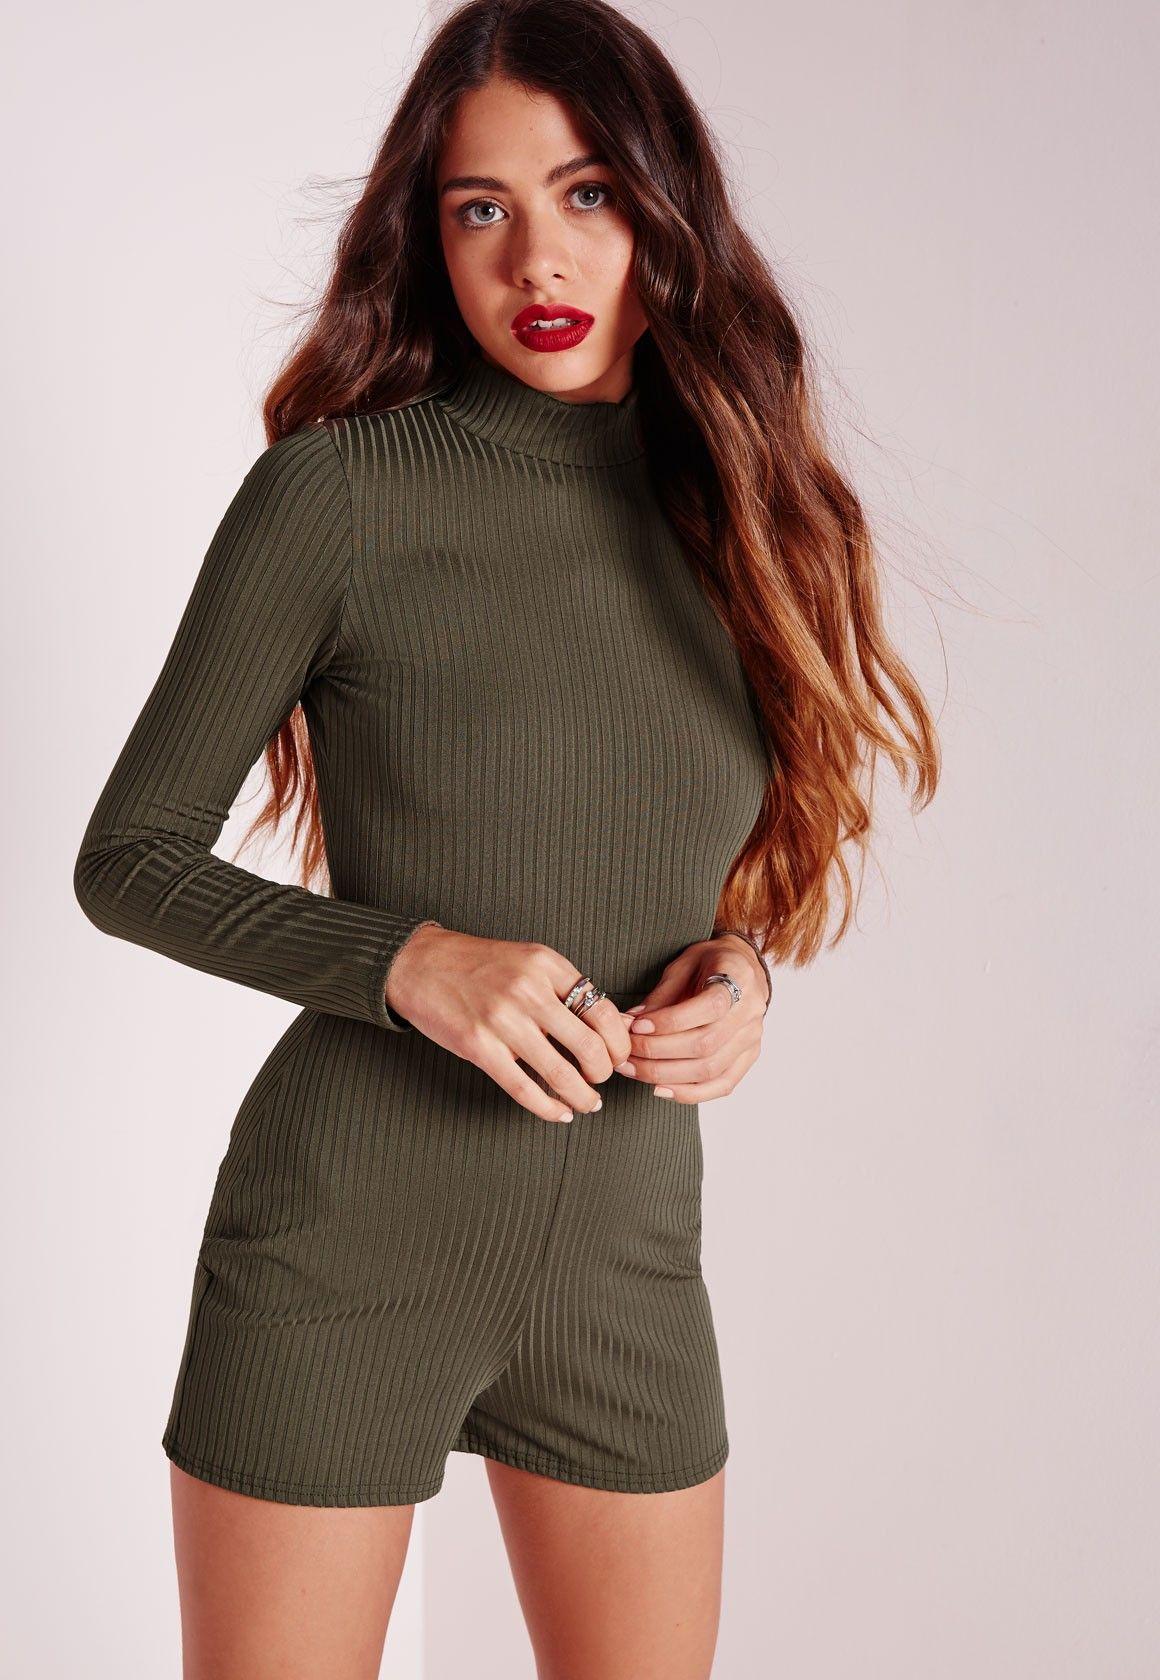 Petite Ribbed Long Sleeve Romper Khaki   Women\'s fashion   Pinterest